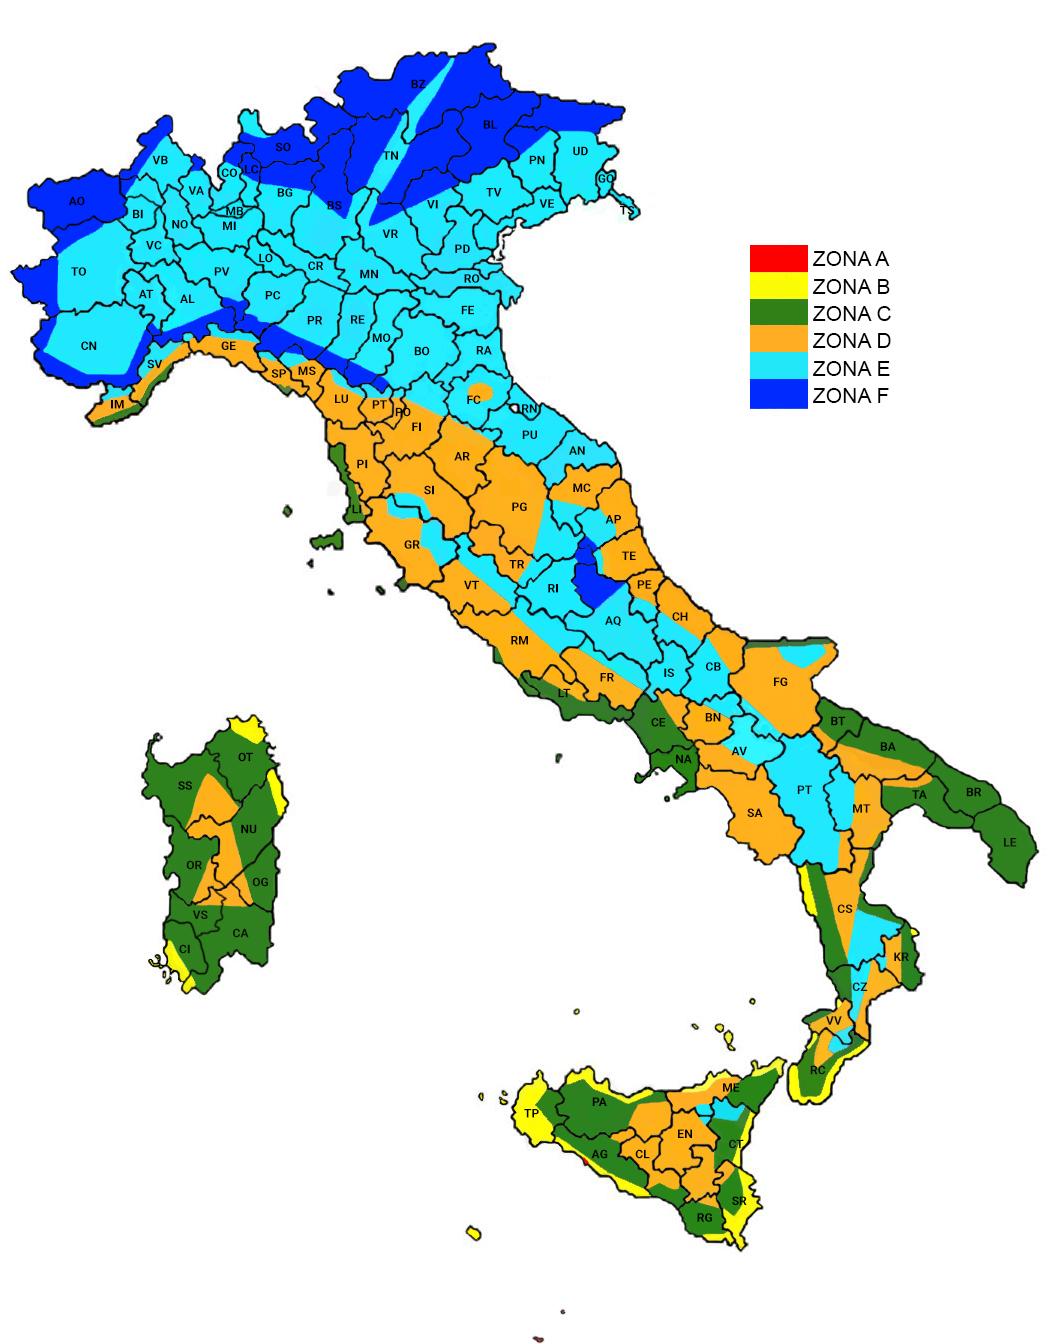 Cartina Italia Zone Climatiche.Le Zone Climatiche Italiane E I Periodi Di Accensione Degli Impianti Di Riscaldamento Luce E Gas Italia